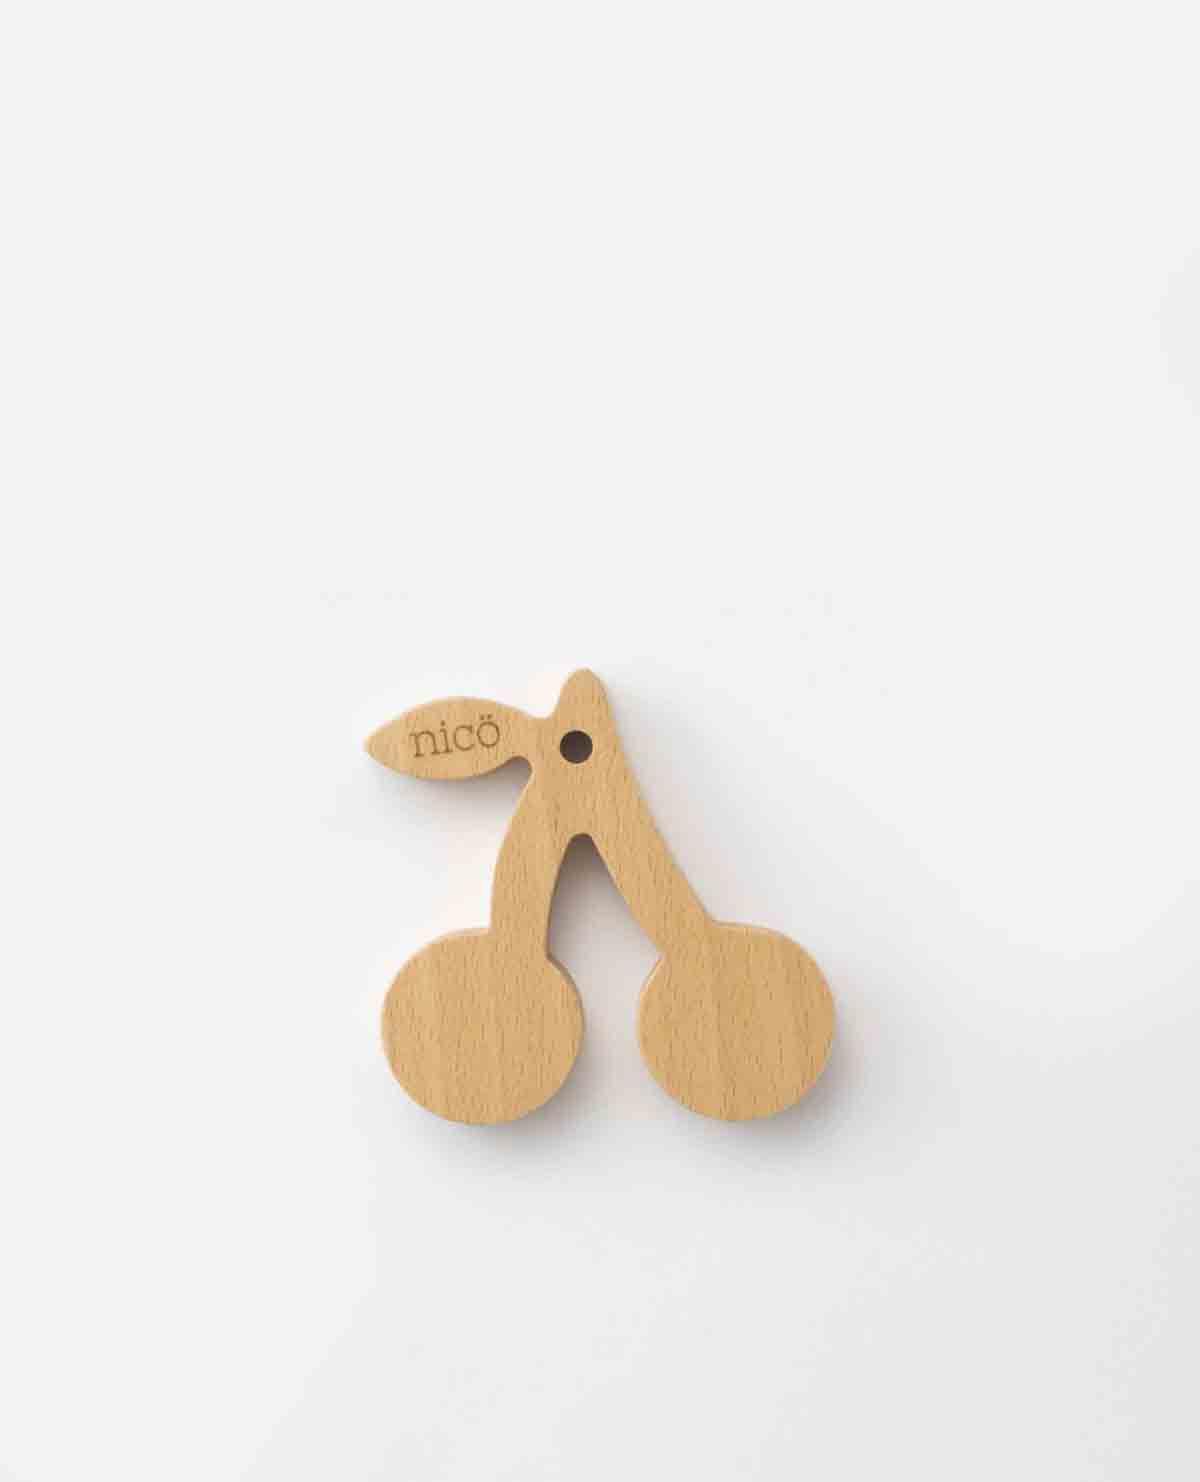 歯固め はがため さくらんぼ 木製